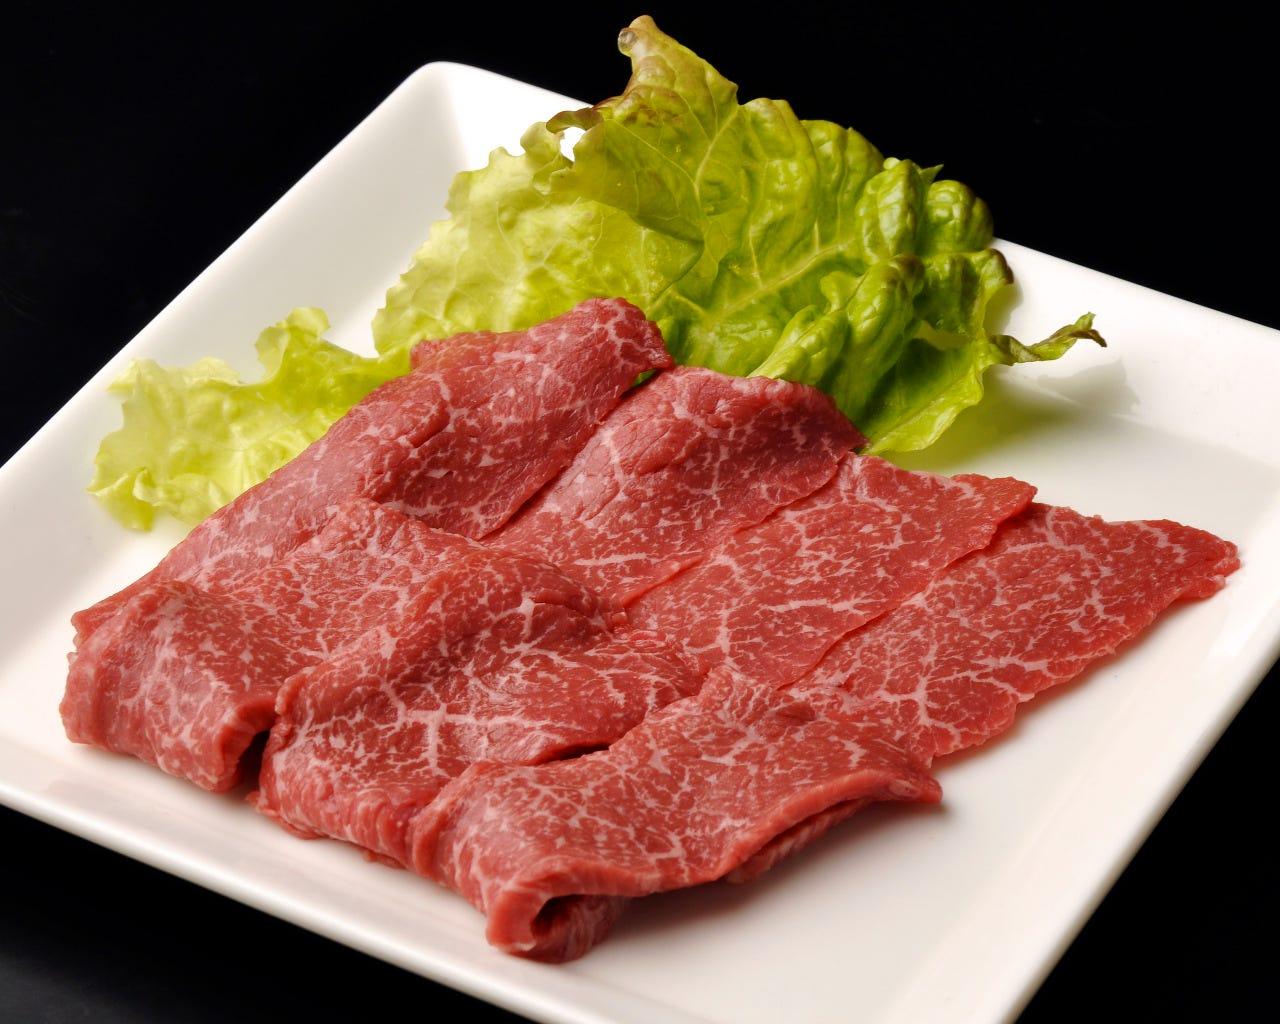 ◆赤身肉やホルモン取り揃えてます!